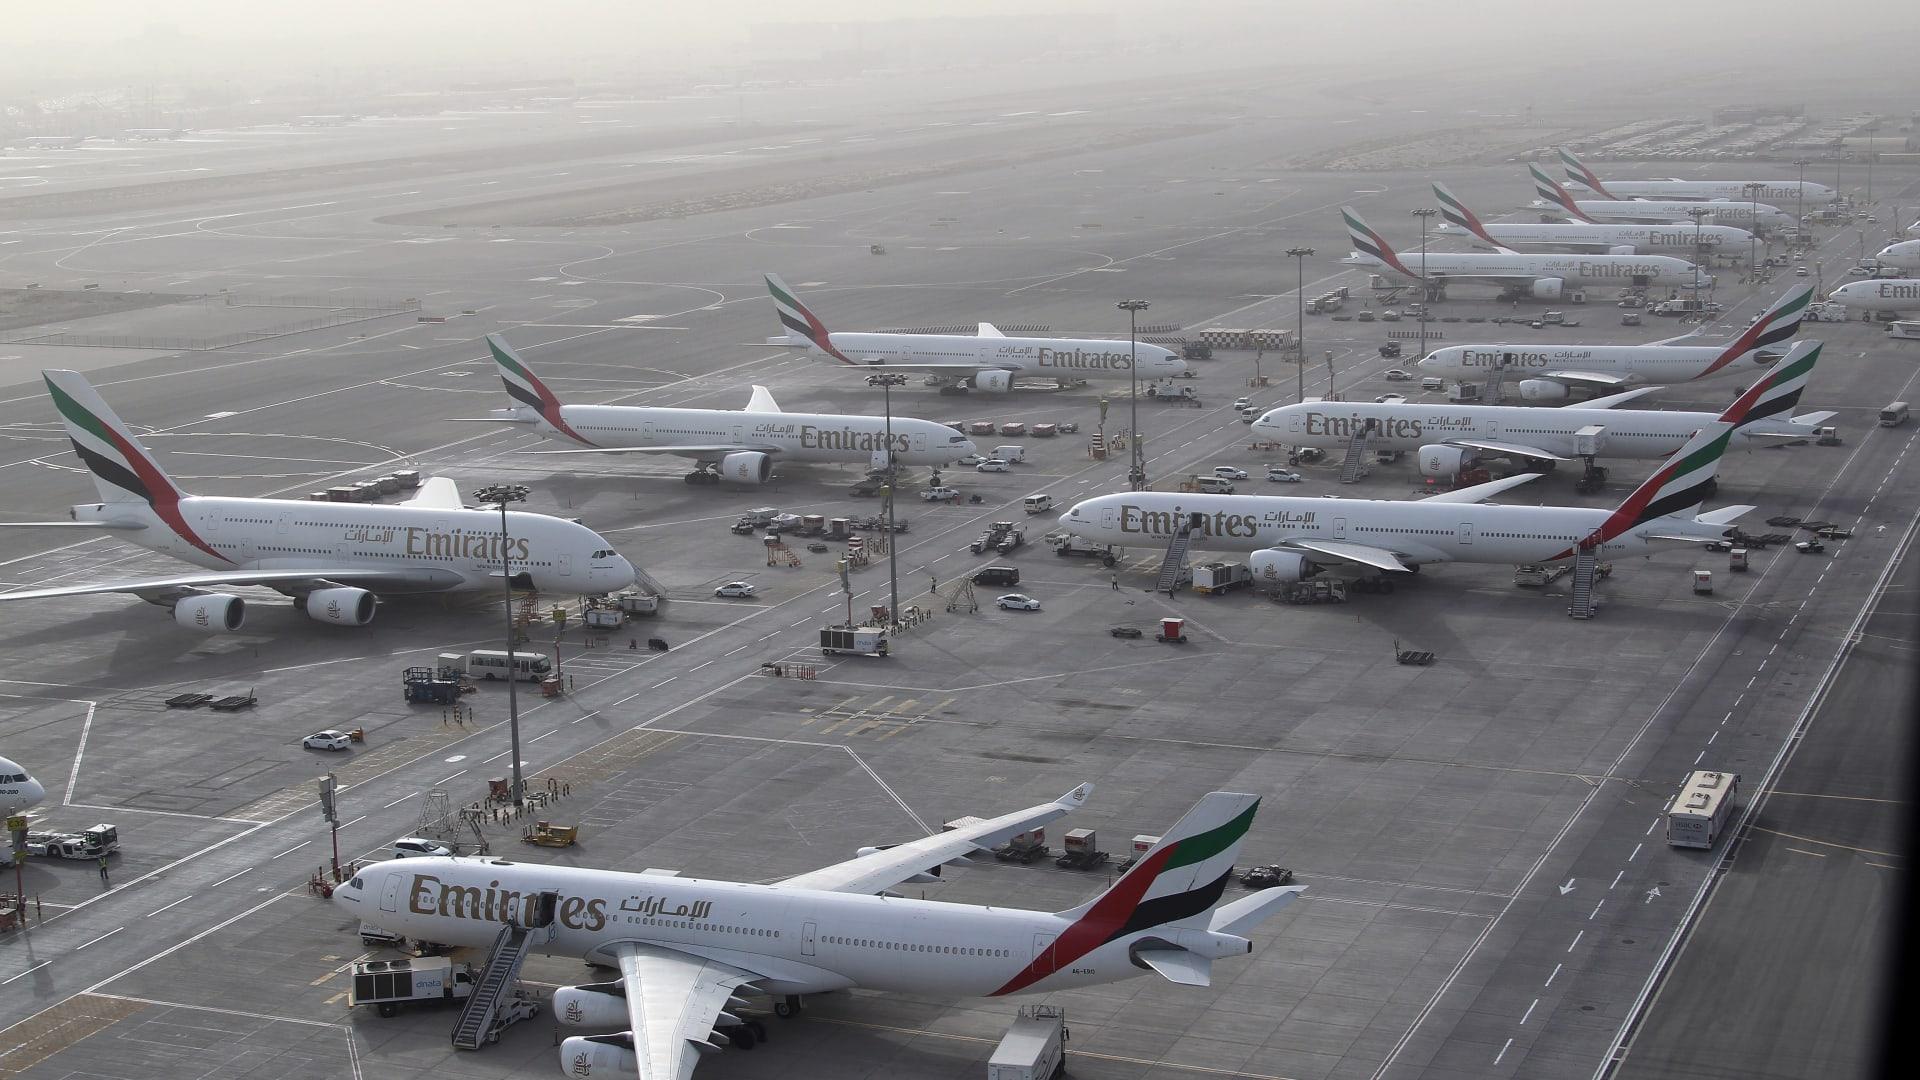 للعام الخامس.. مطار دبي أكثر مطارات العالم ازدحاما